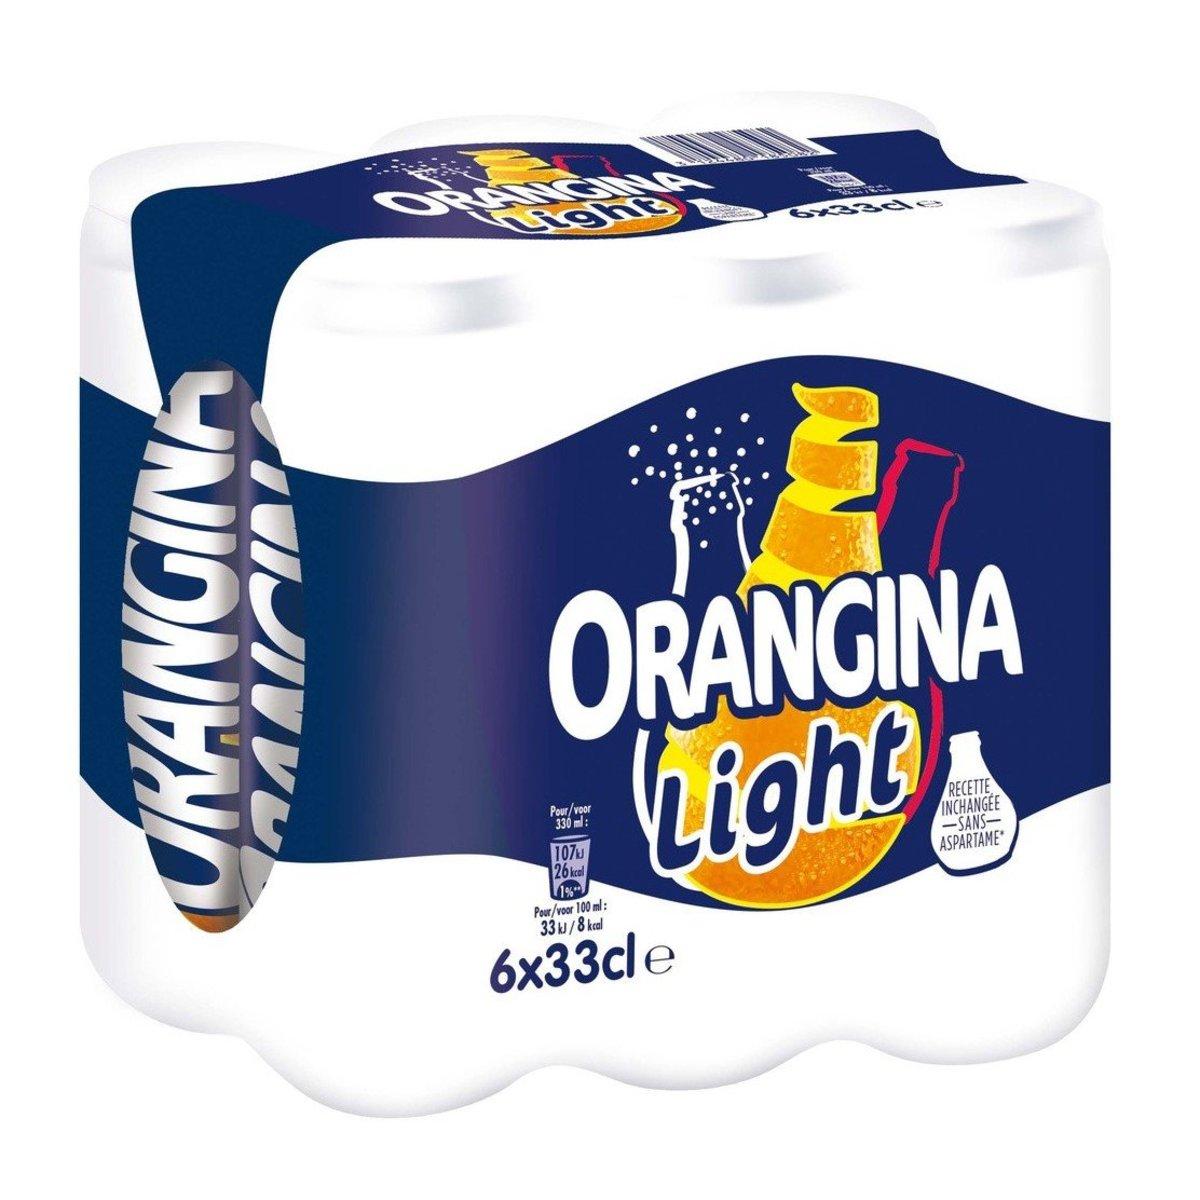 法國直送 - ORANGINA - 零系有氣橙汁  - 6x330ml